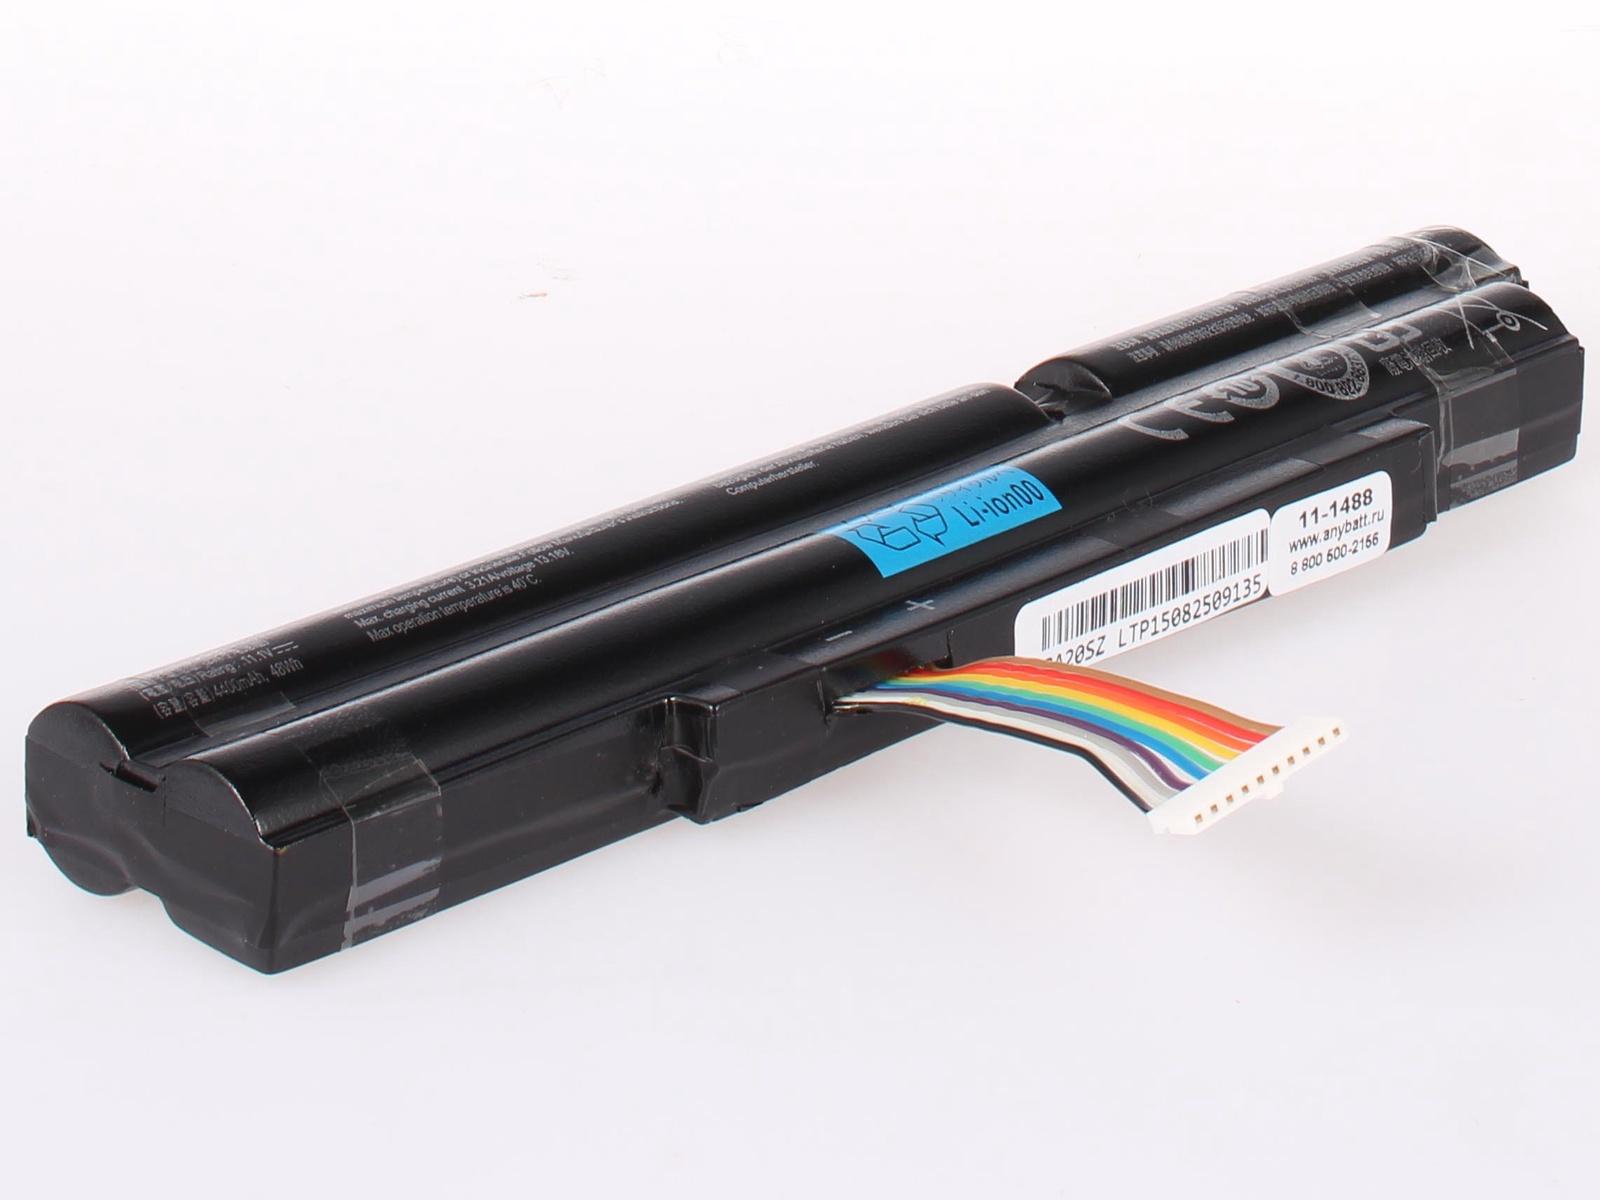 Аккумулятор для ноутбука AnyBatt для Acer Aspire TimelineX 5830T, Aspire 3830T-2434G50nbb, Aspire TimelineX 3830T-2434G50nbb, Aspire TimelineX 5830TG-2414G50Mnbb, Aspire TimelineX 5830TG-2434G50Mnbb аккумулятор для ноутбука acer aspire timelinex 3830t 4830t 5830t series 11 1v 4400mah 49wh as11